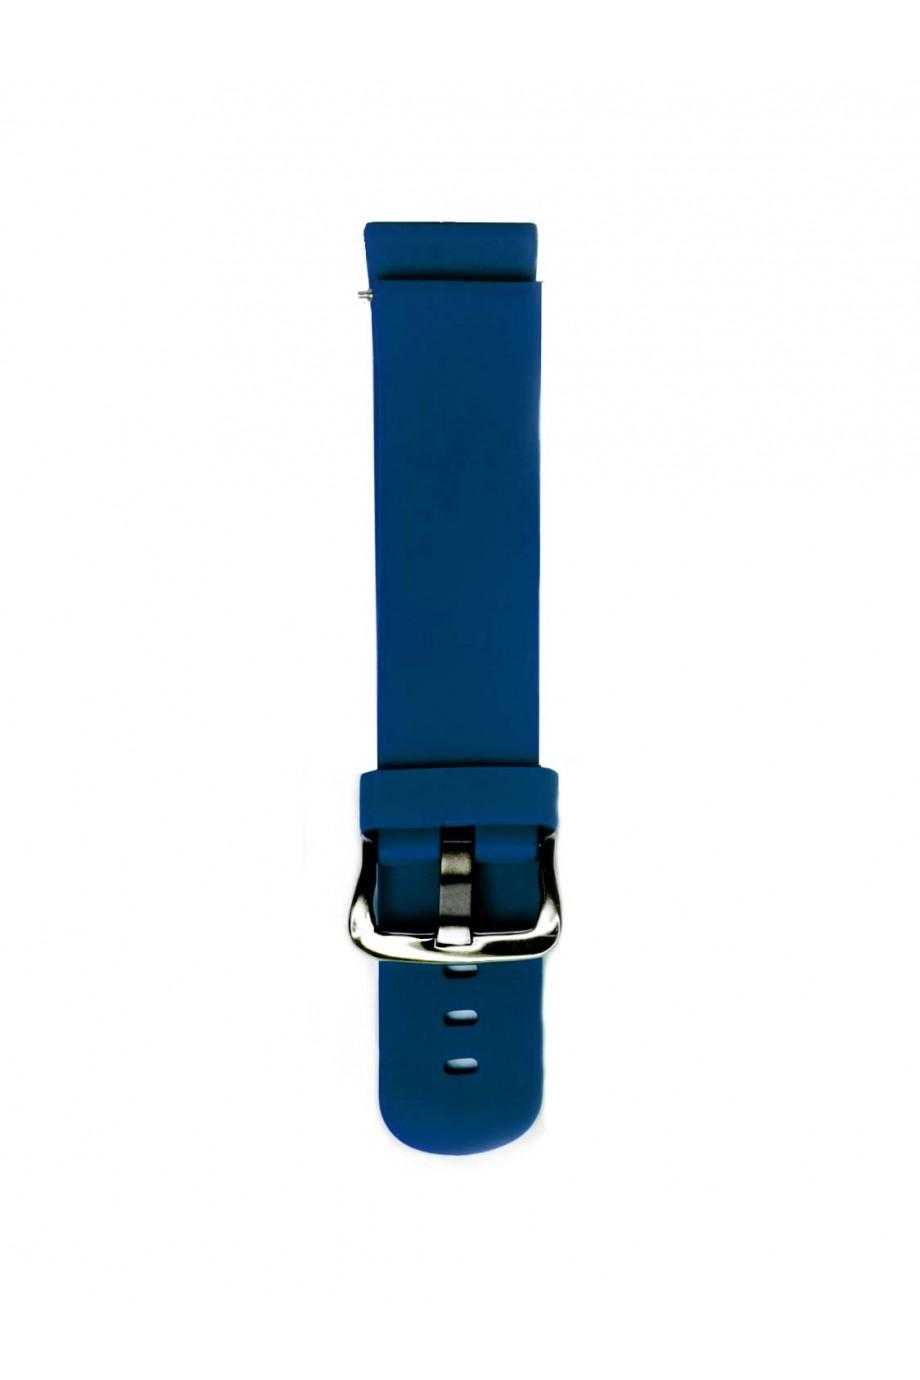 Силиконовый ремешок для Amazfit Stratos 2, 22 мм, темно-синий, mc-03